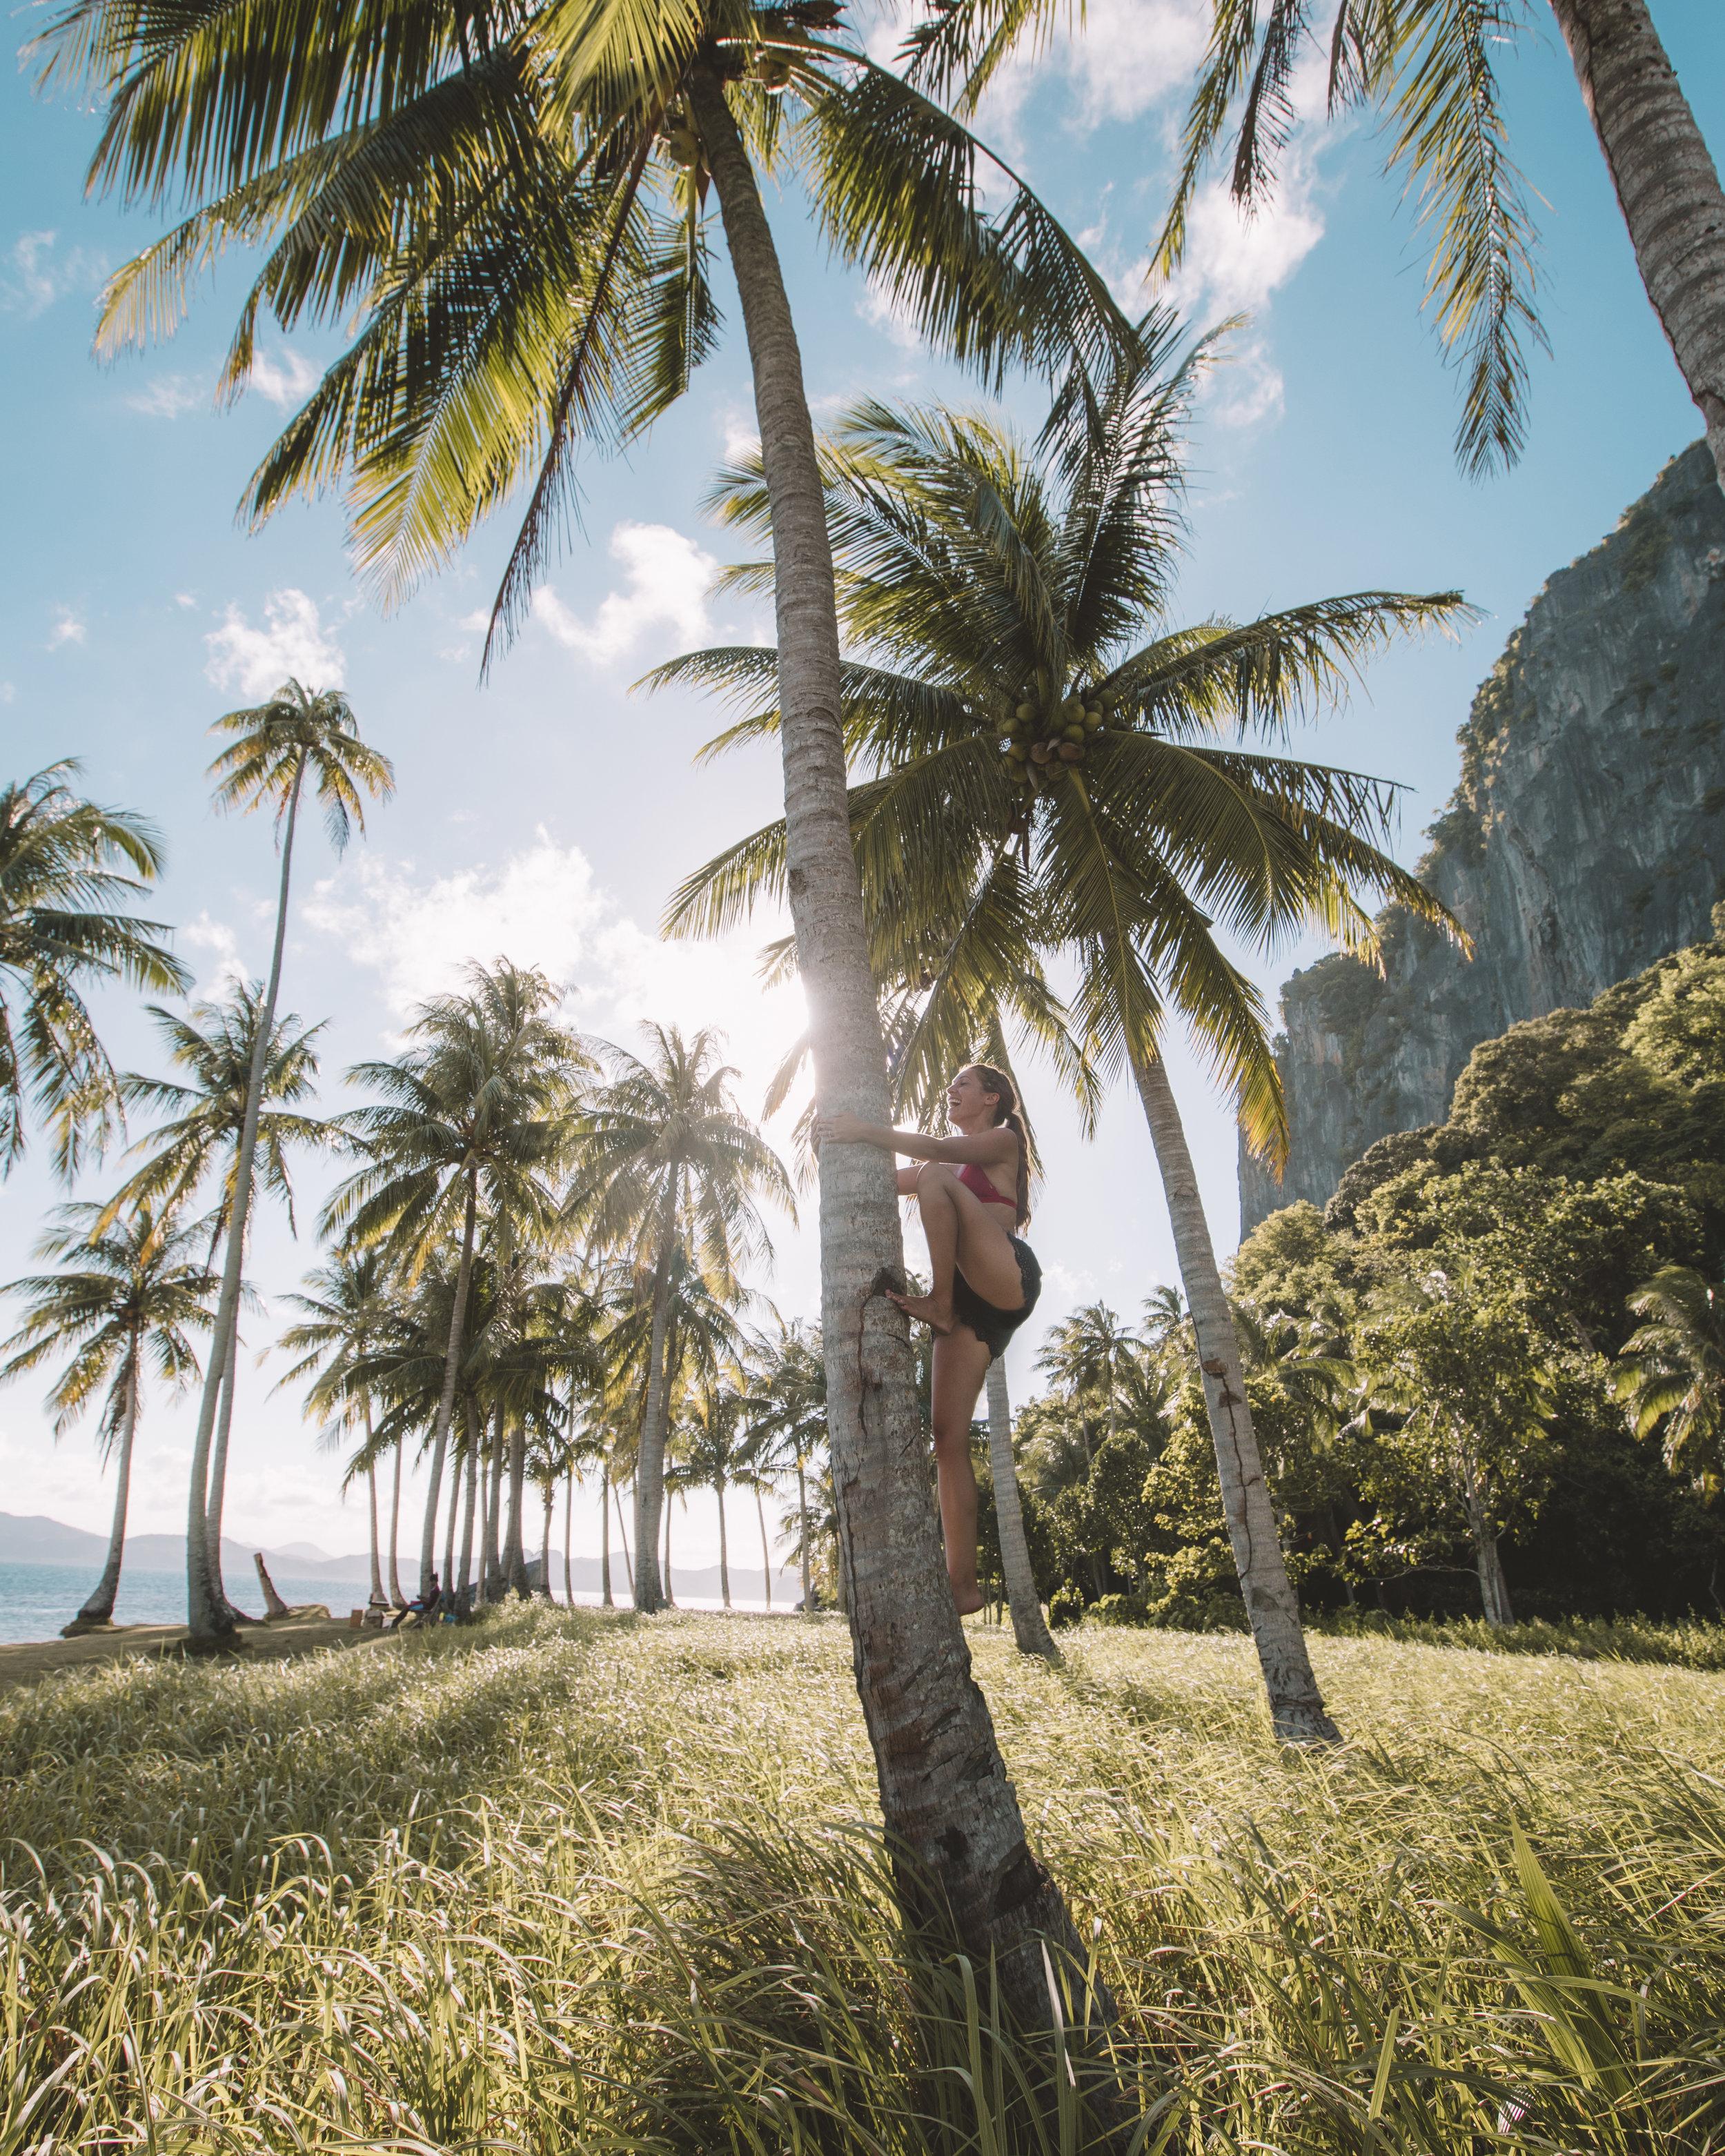 palmtree.jpg